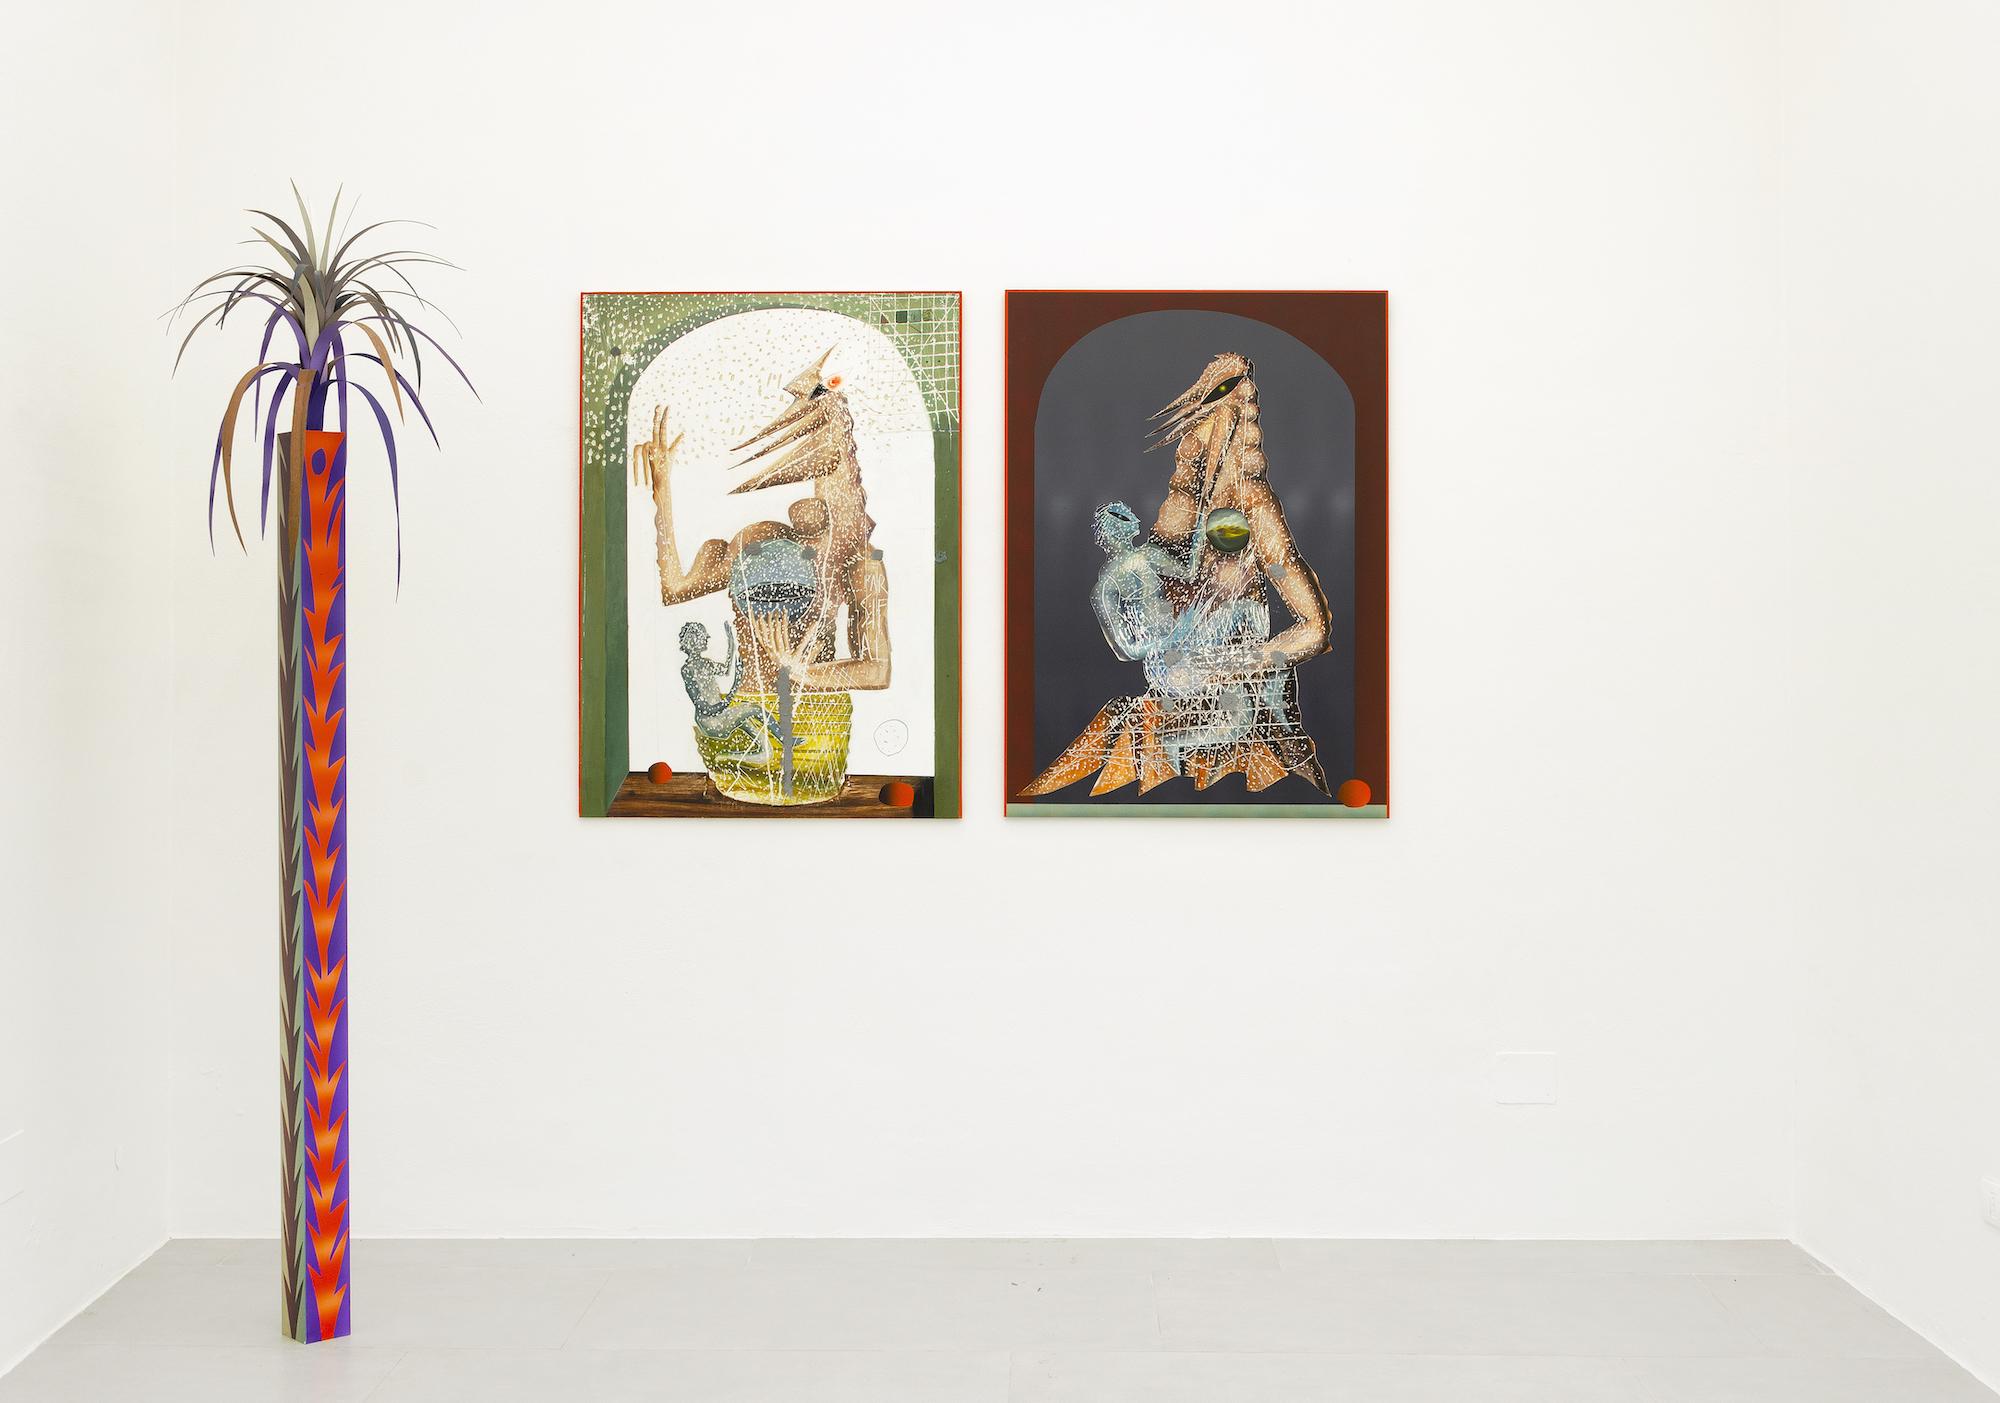 Mattia Barbieri (Courtesy: Rizzuto Gallery)